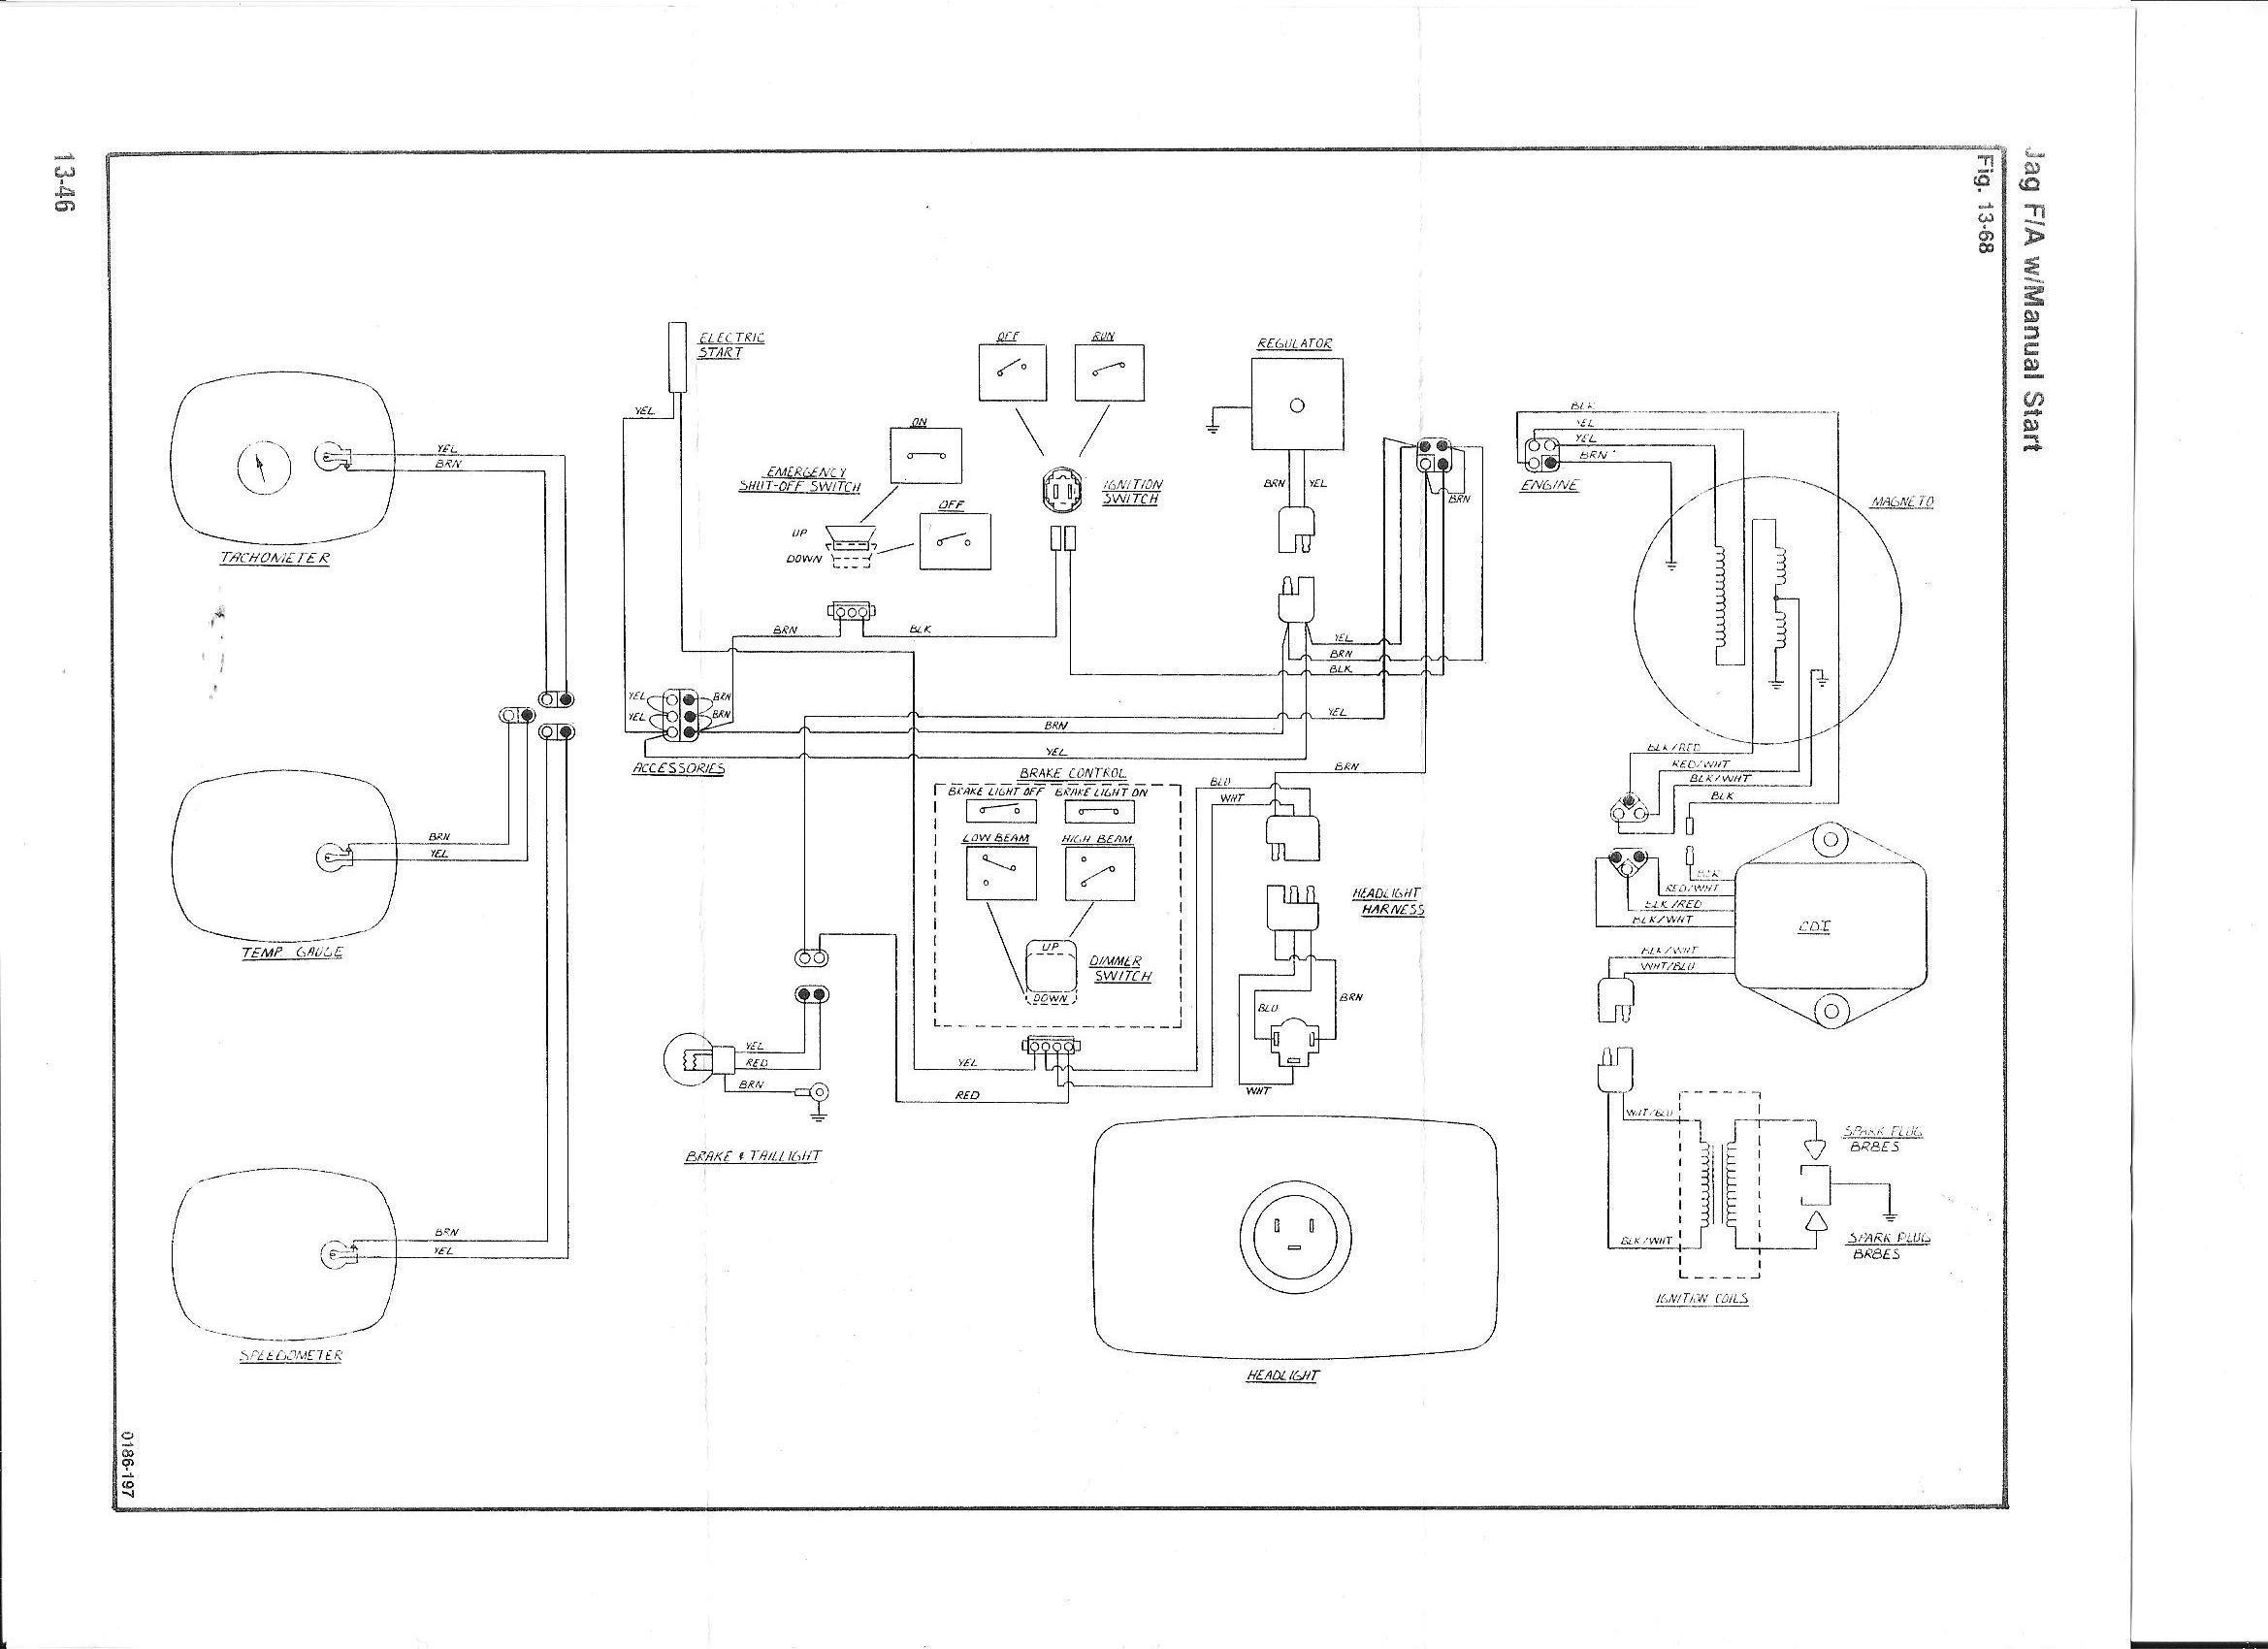 Wiring Diagram For Arctic Cat Jag 3000